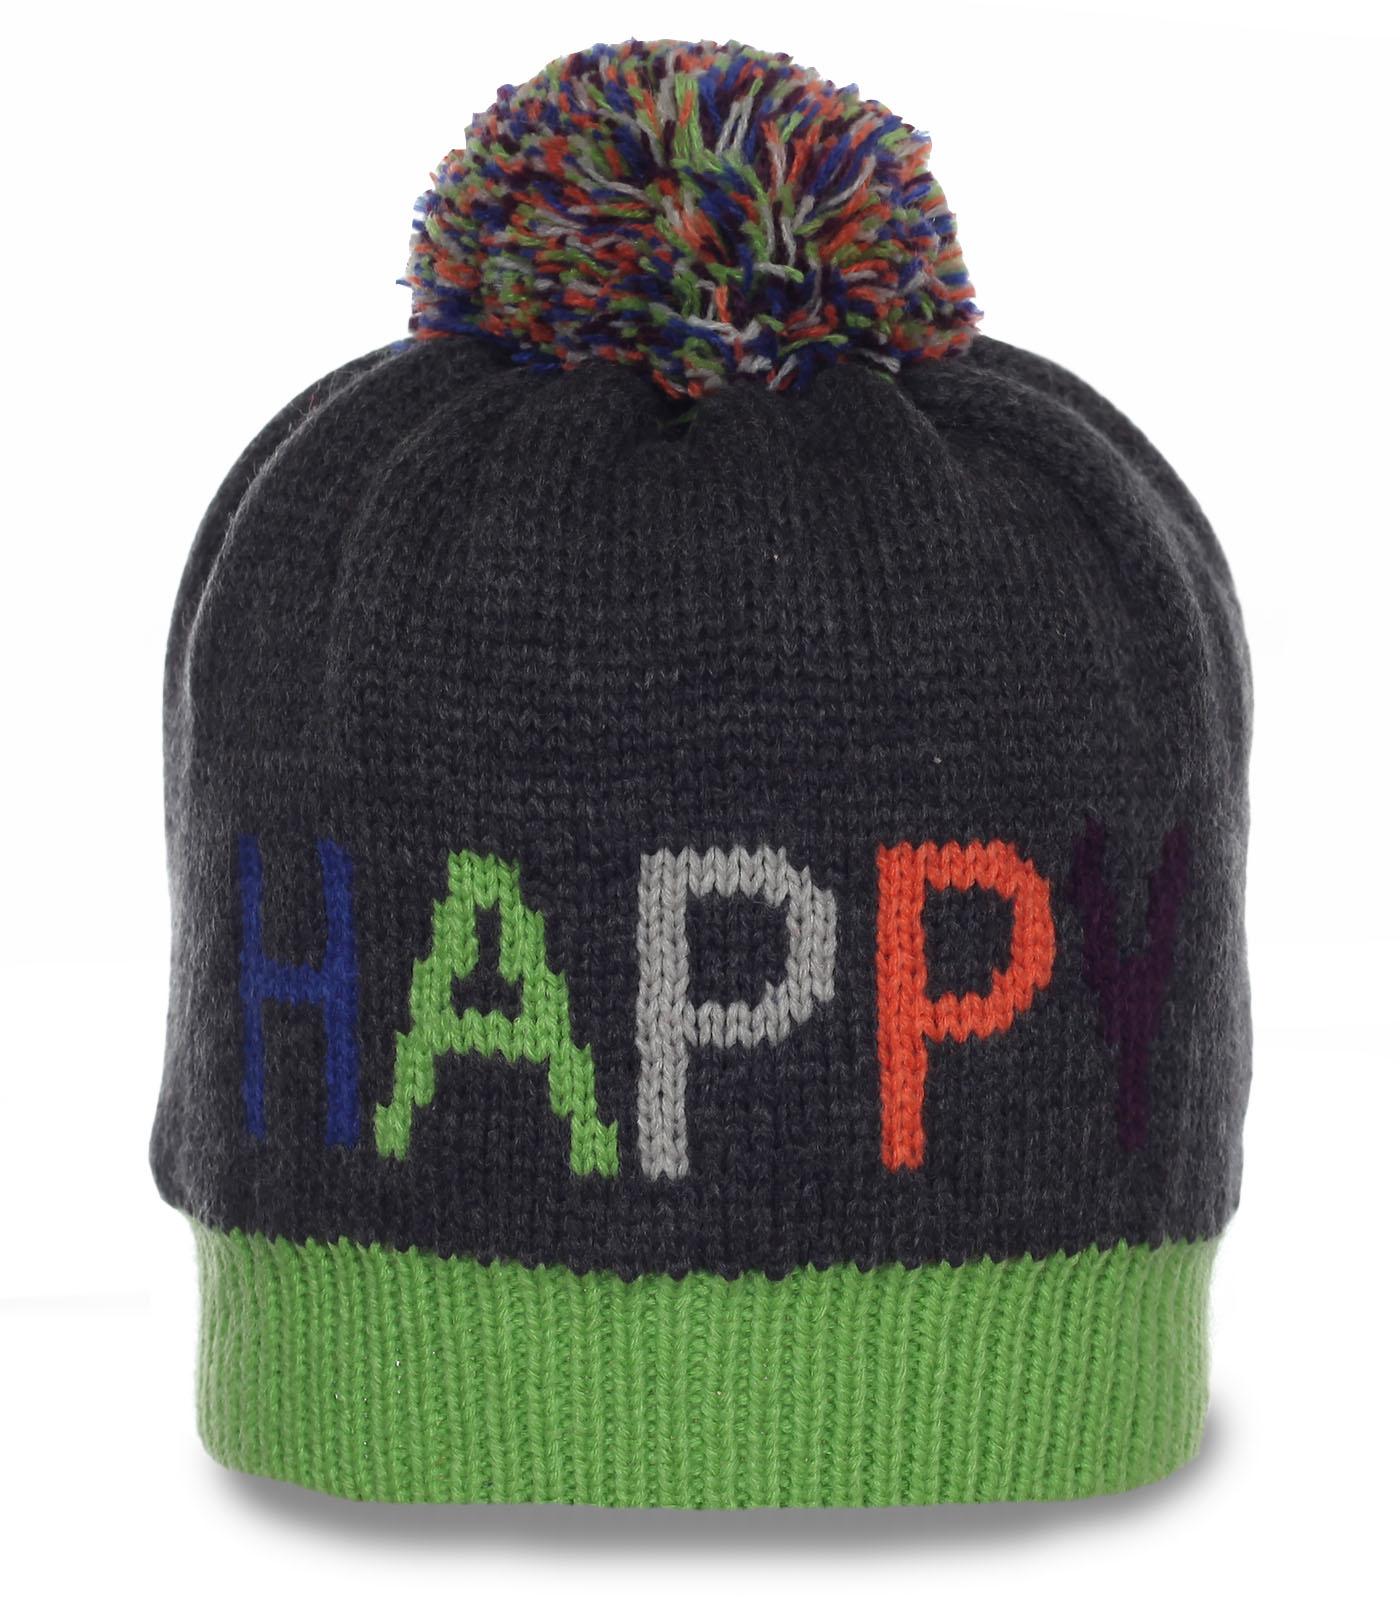 Молодежная шапка Happ. Выбор спортсменов и ценителей активного отдыха. Заказывайте!